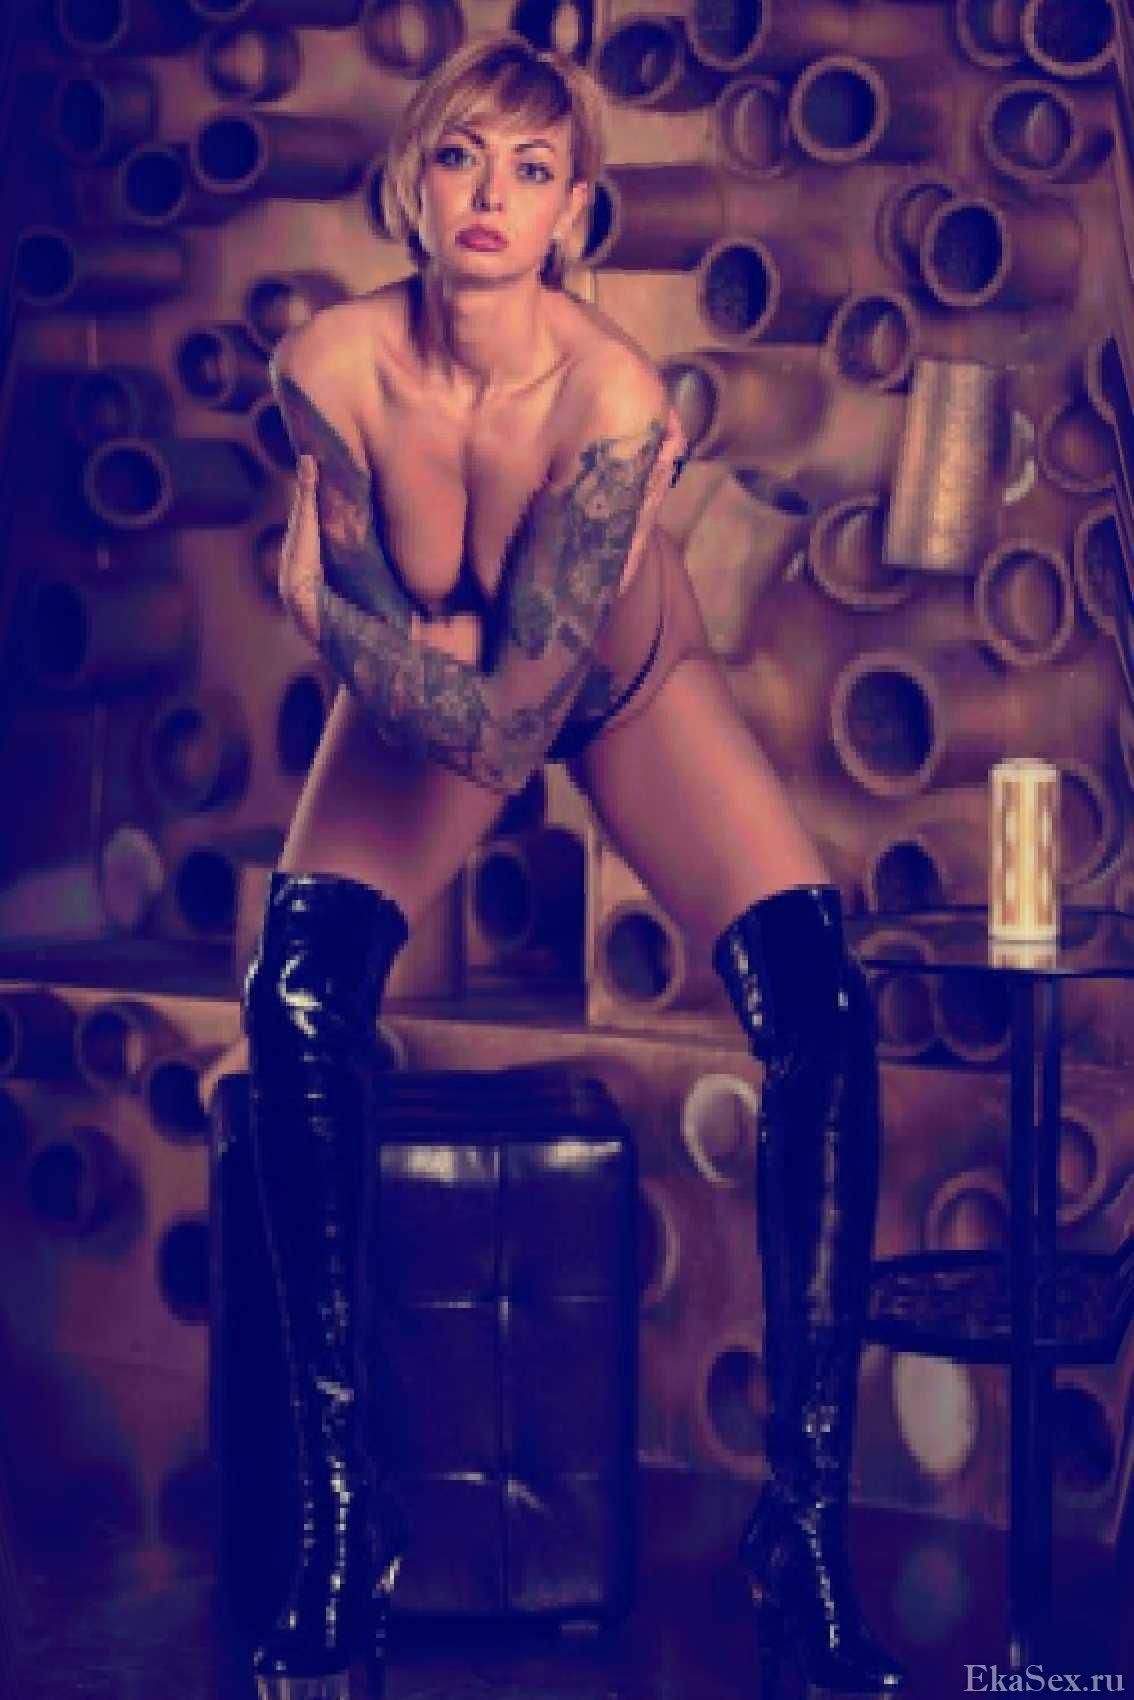 фото проститутки госпожа Лилия из города Екатеринбург